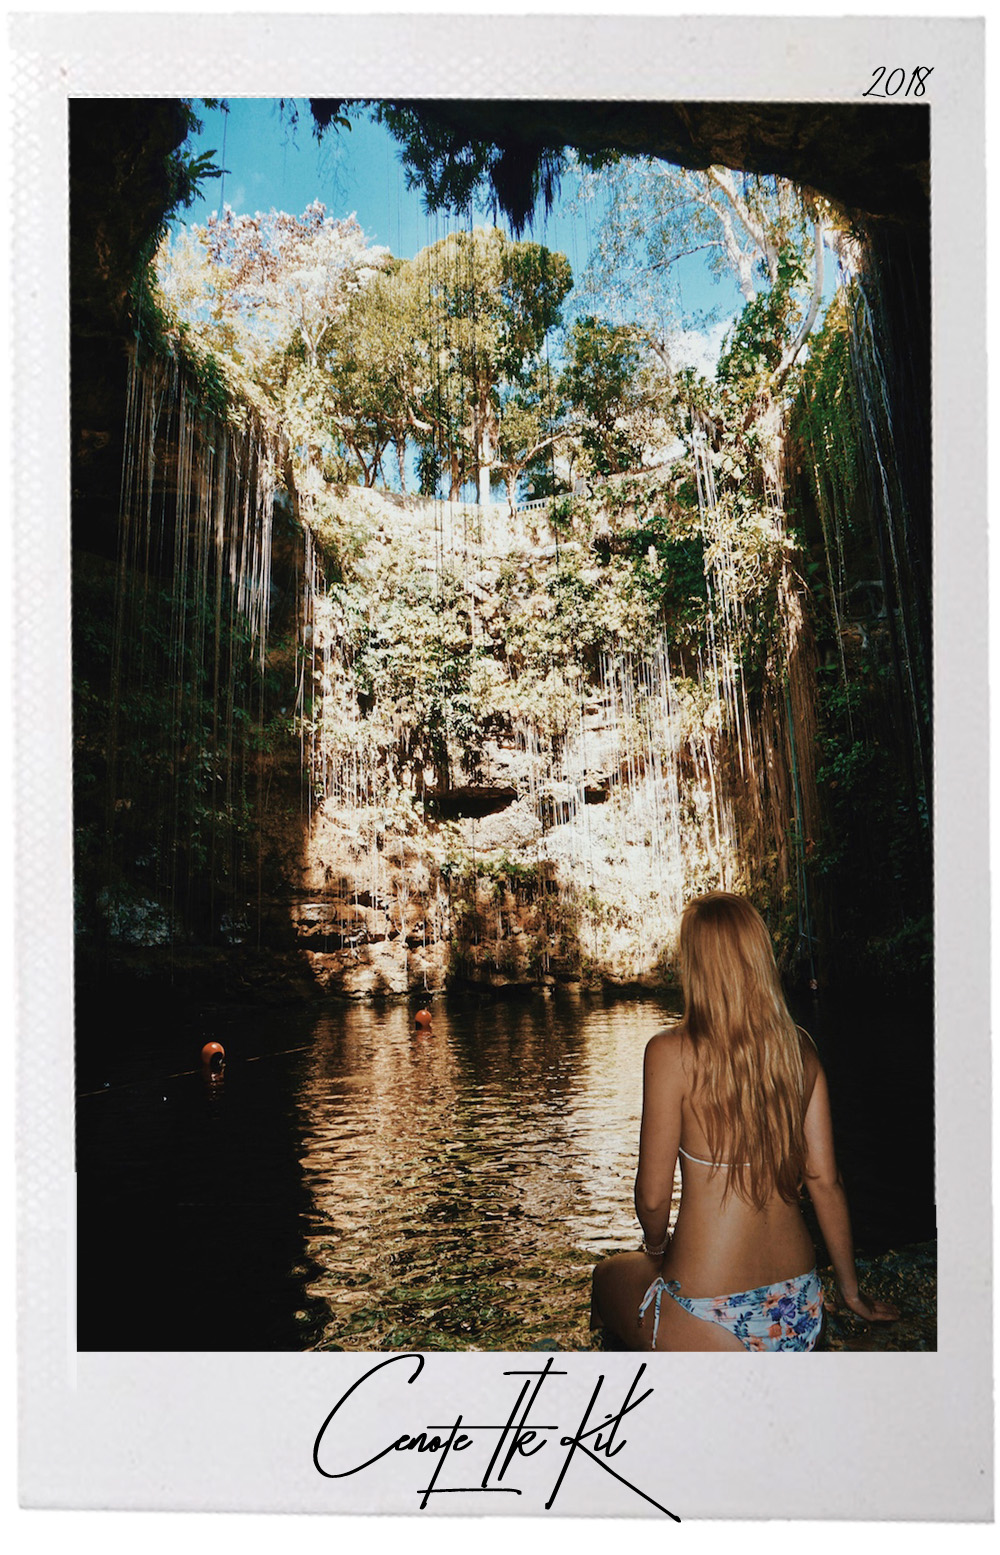 Cenote Ik Kil 2018